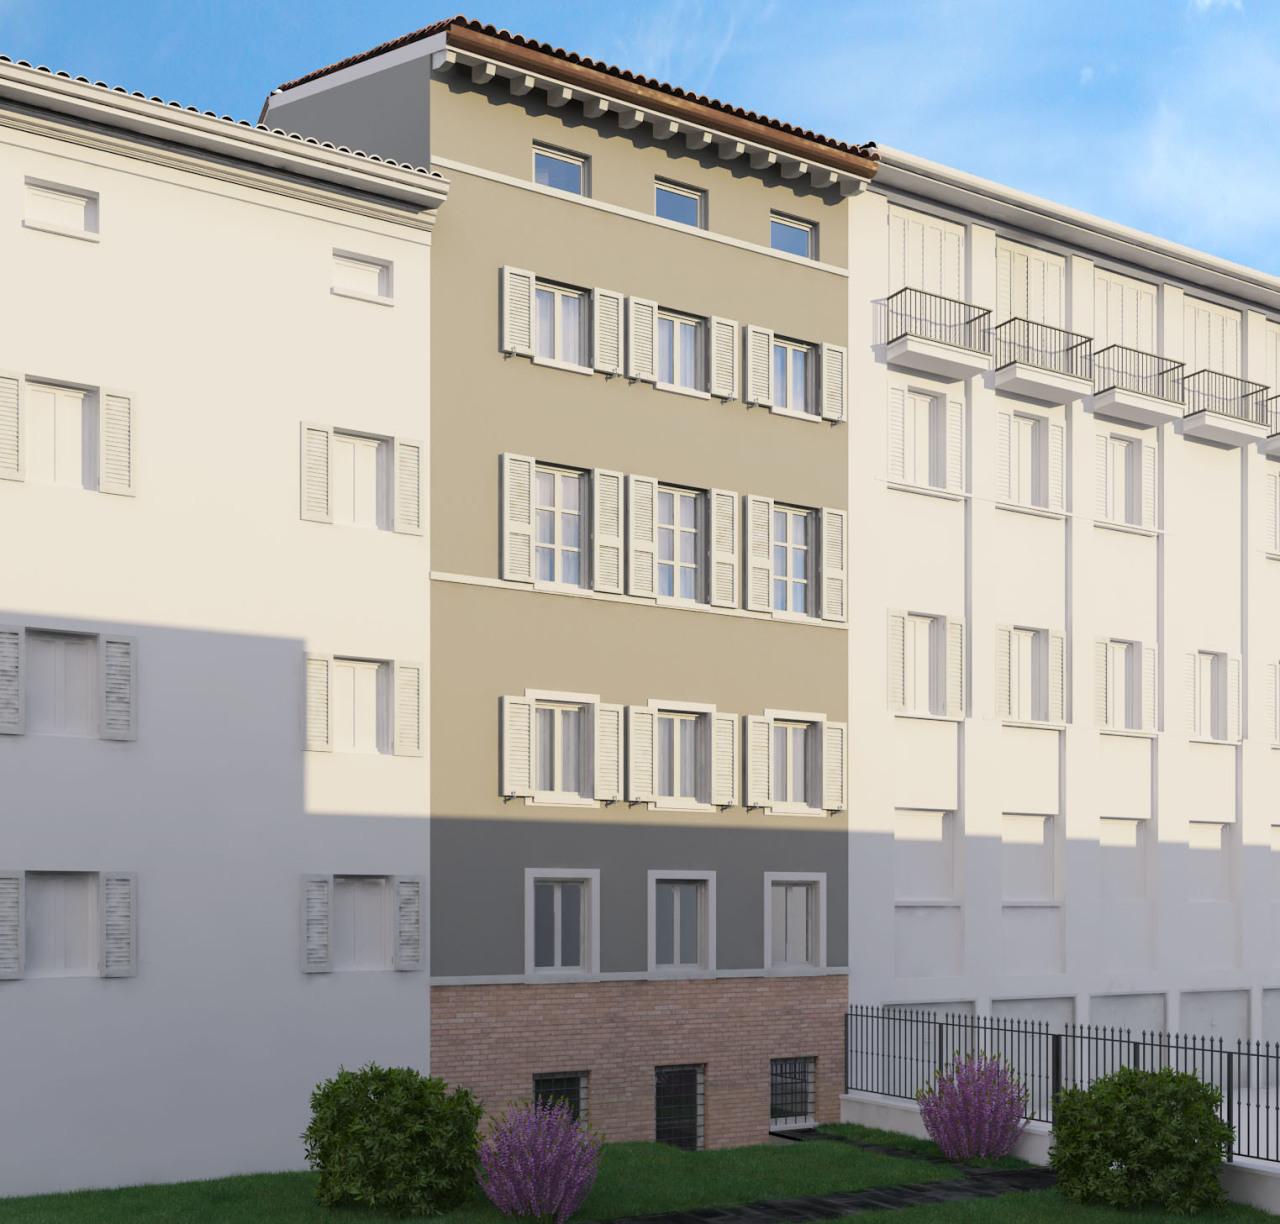 Bilocale Parma Borgo Del Naviglio 31 2